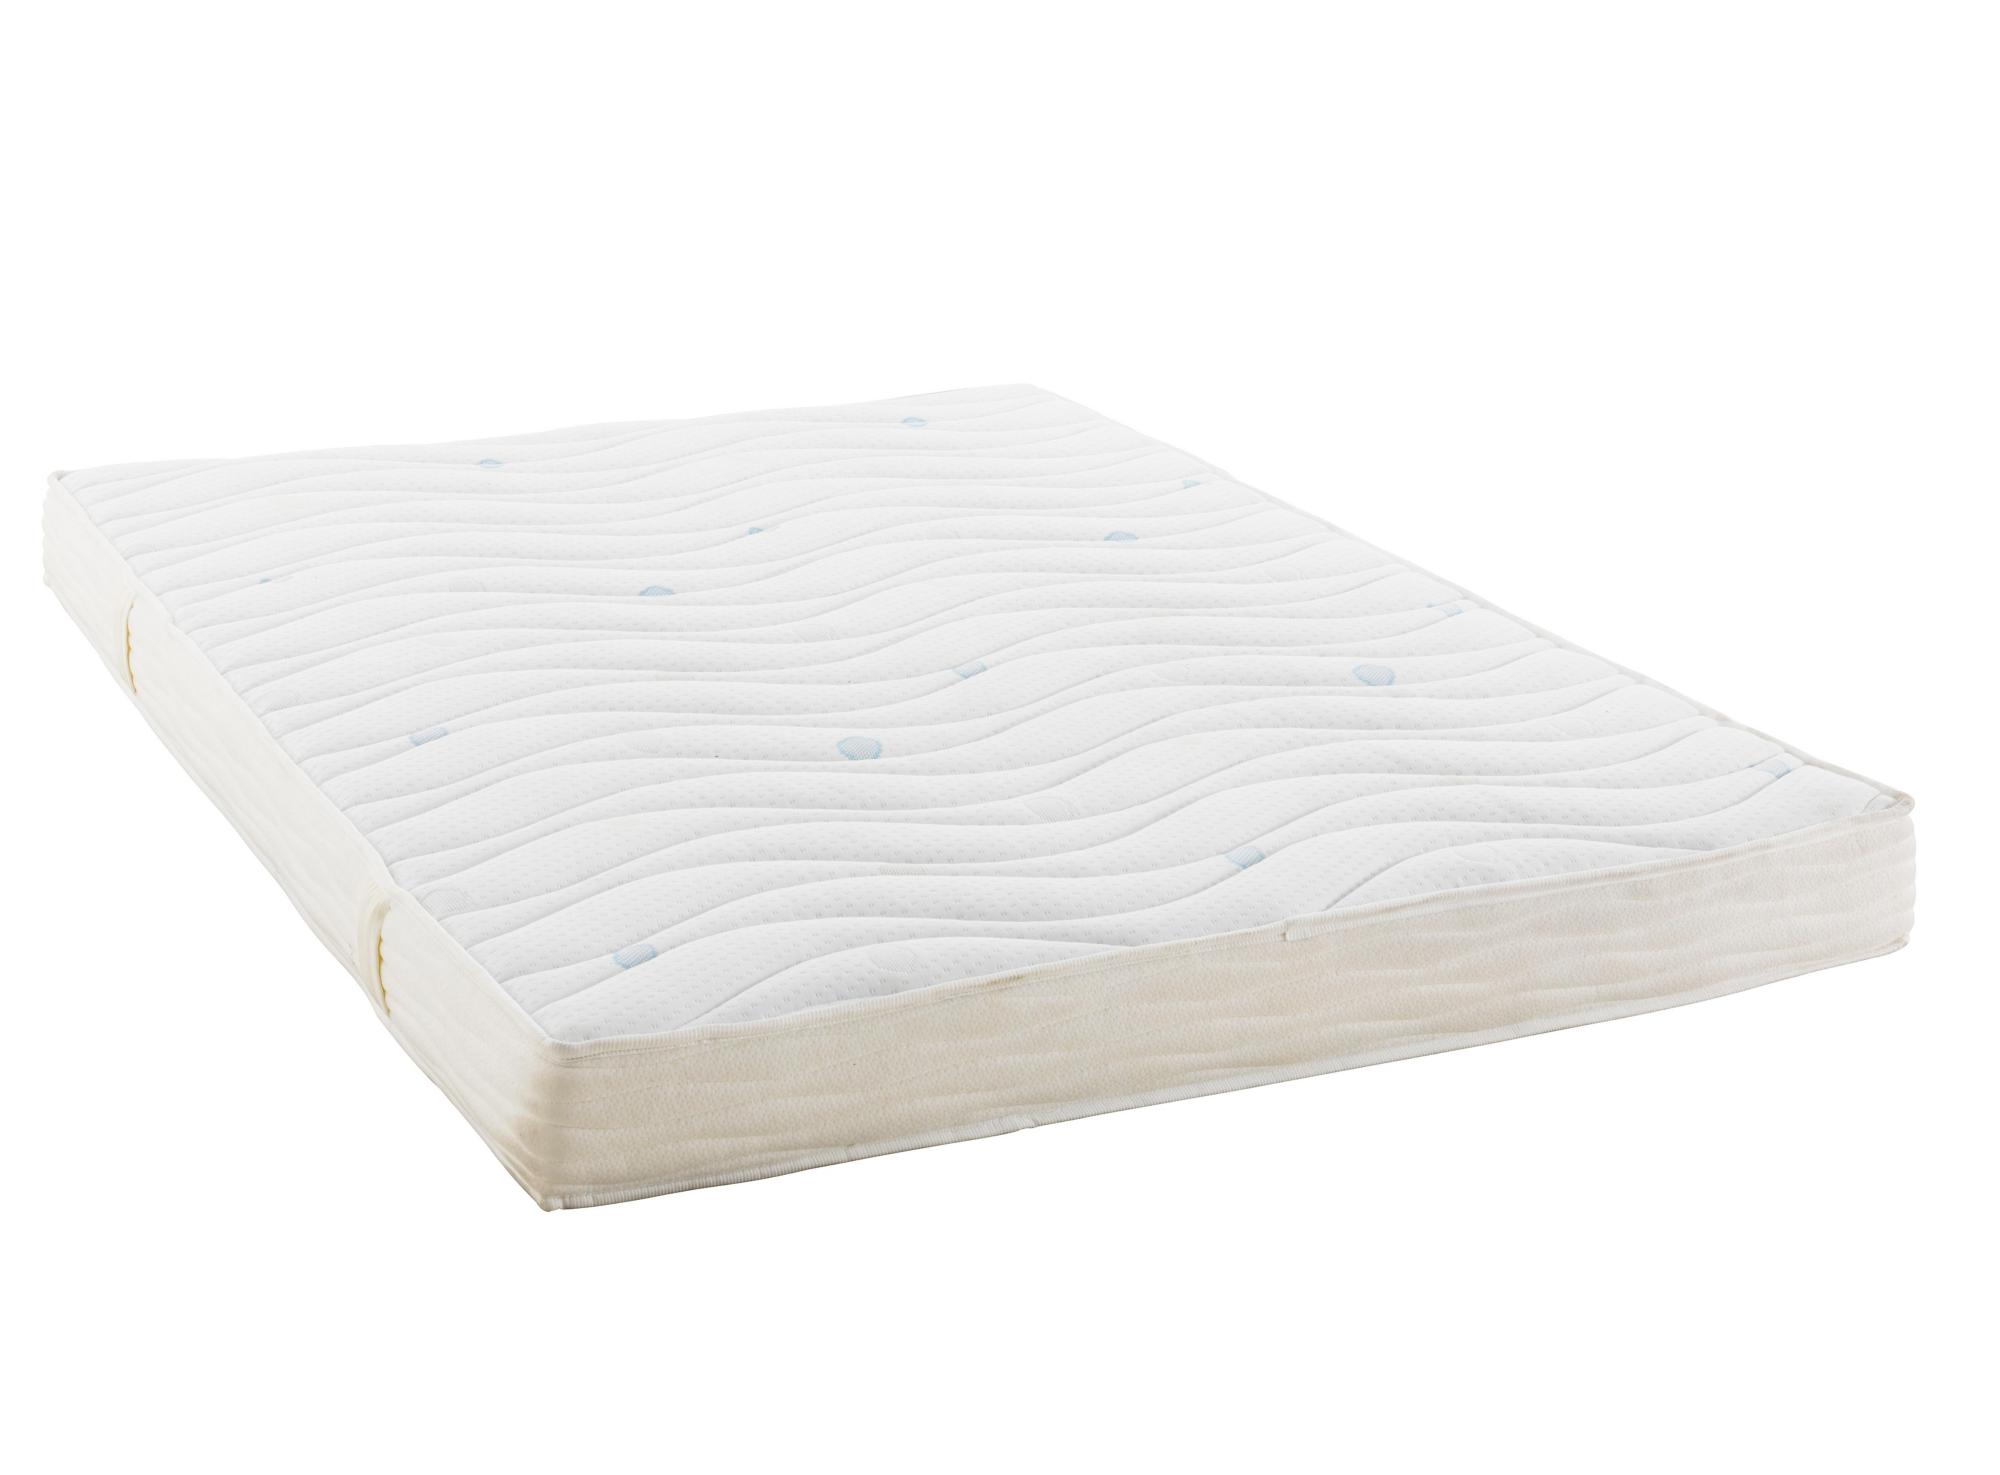 Matelas, couchage 140x190 cm. en primoflex,mousse polyurethane caland ...